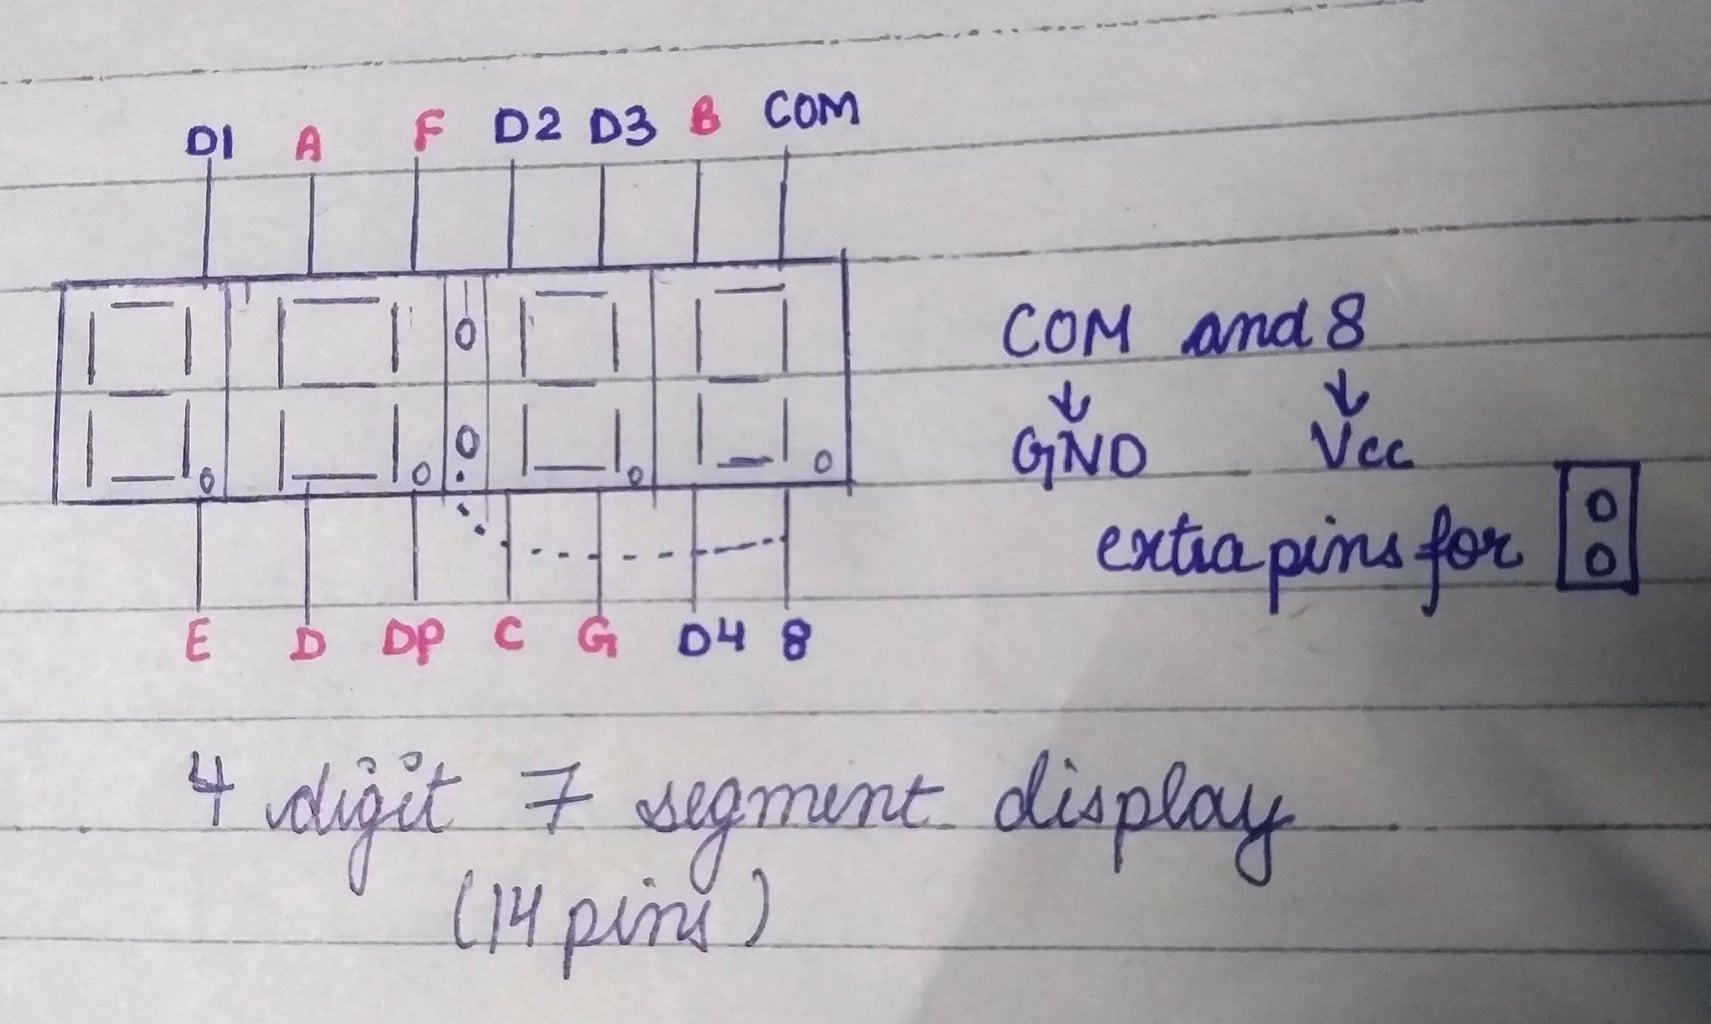 Pin Diagram of 14 Pin Display